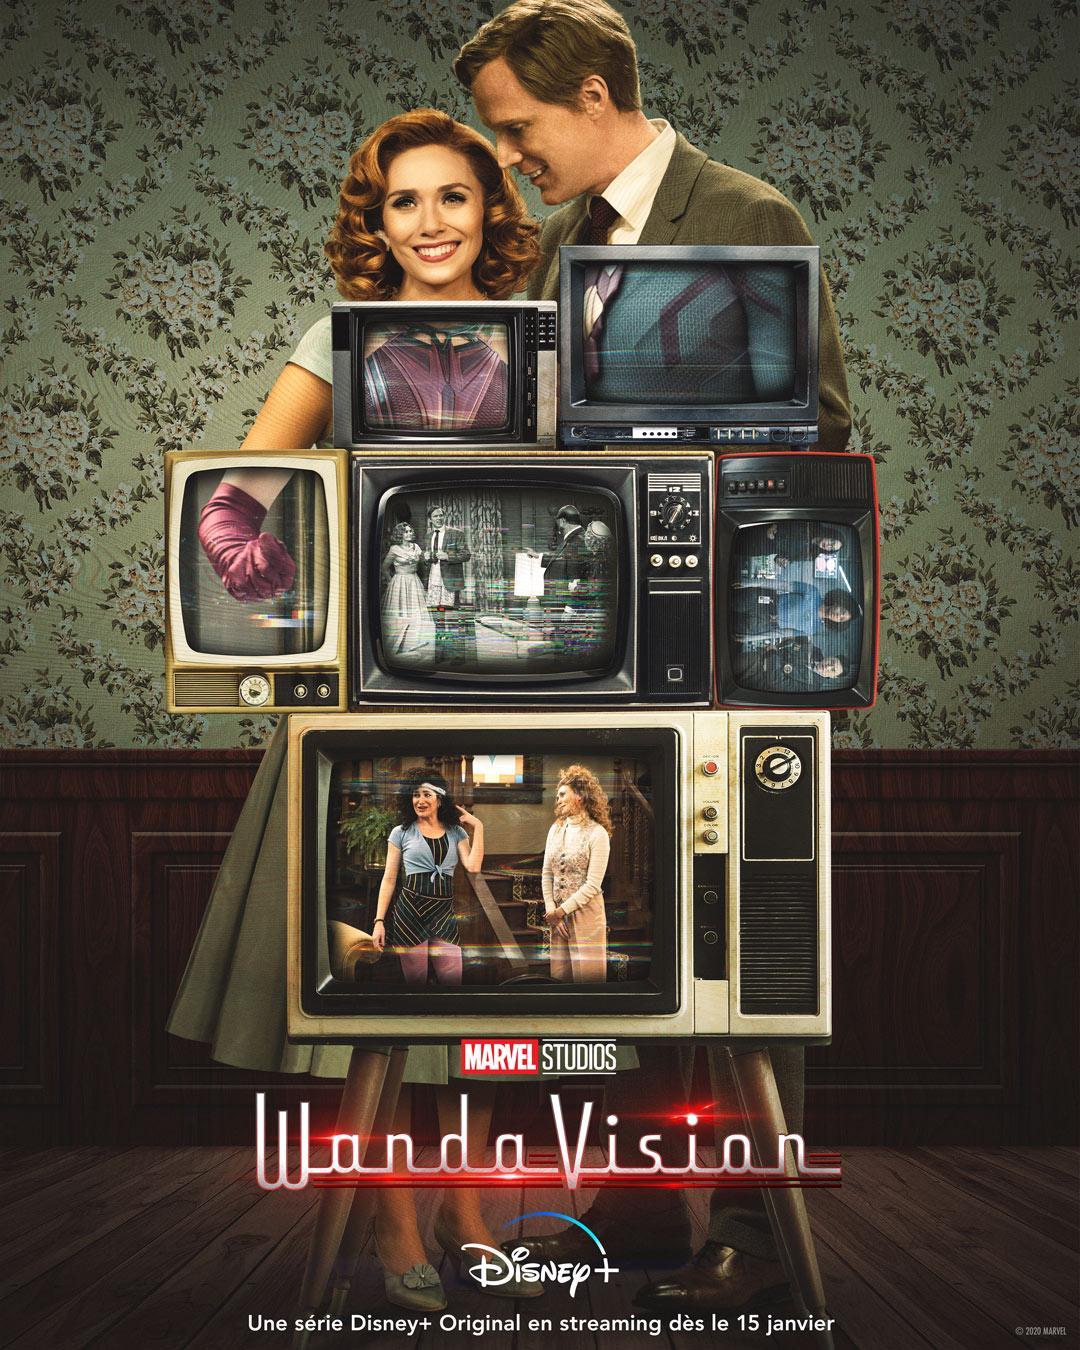 Wandavision poster2